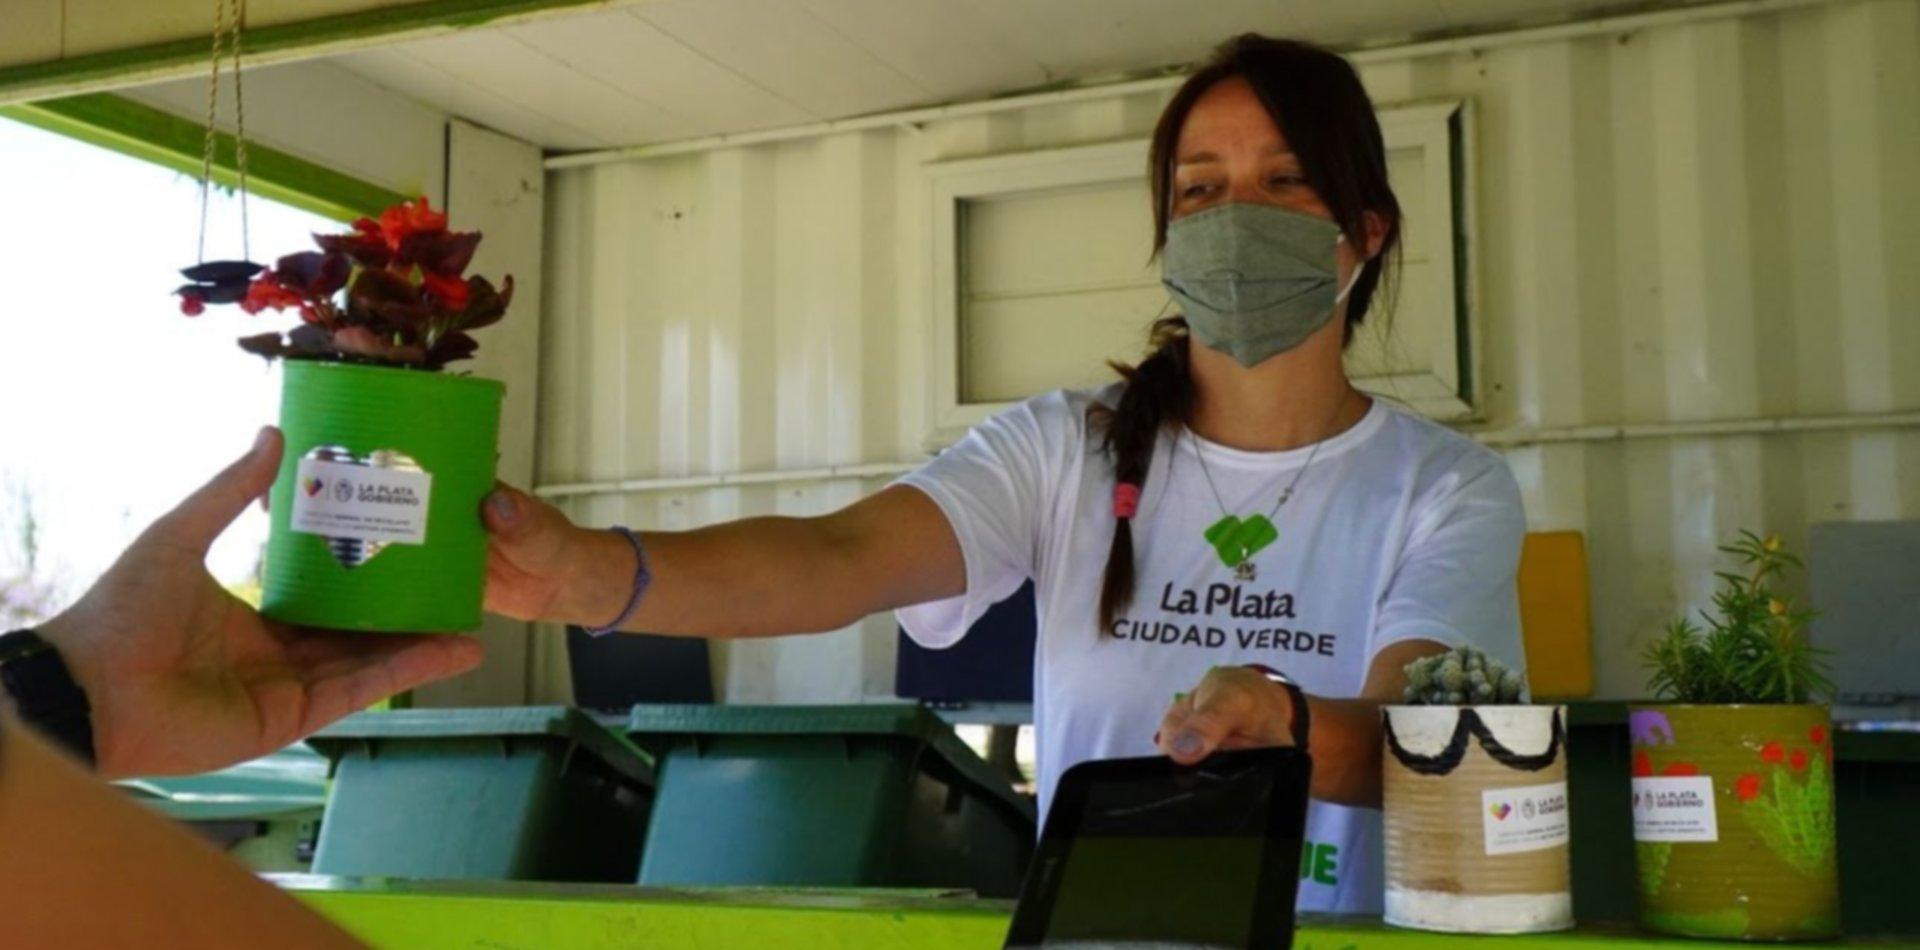 Ahora el Eco Canje llega a City Bell: entregarán plantines a cambio de residuos secos